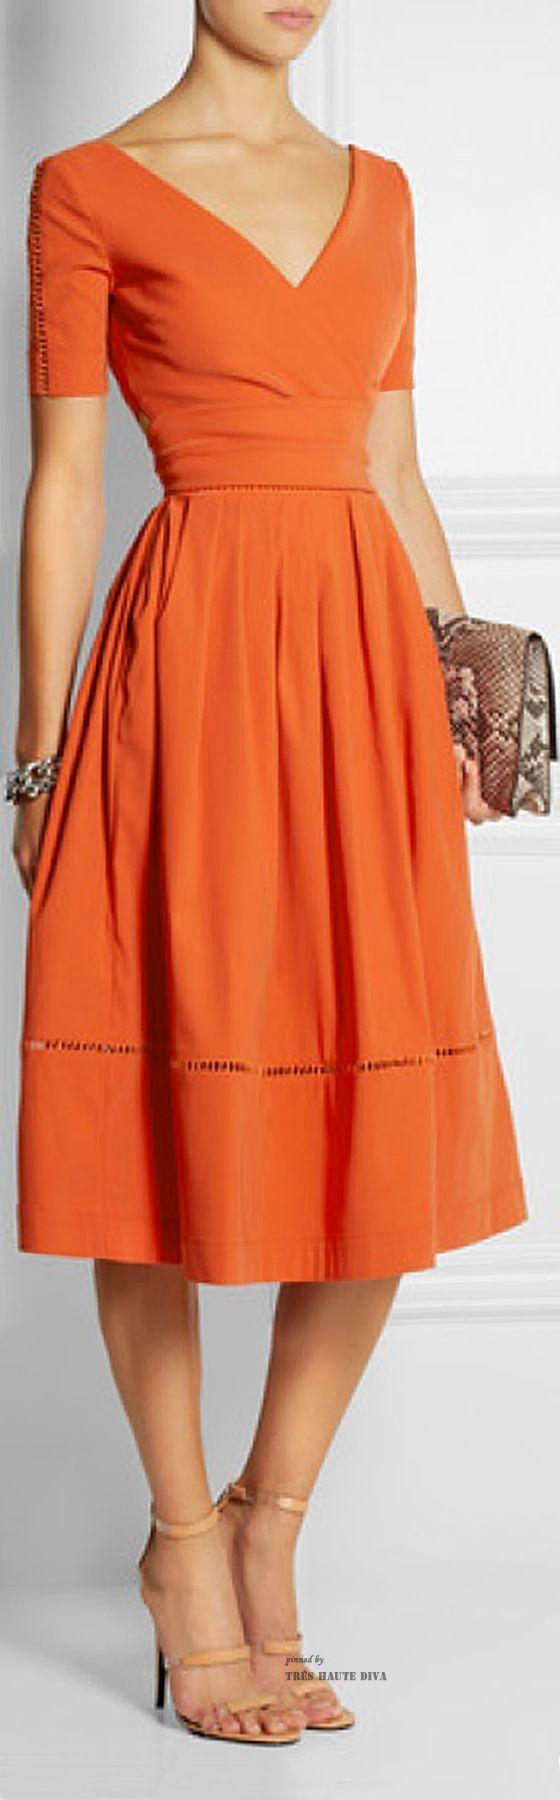 VESTIDOS DE ESTILOS CLÁSICOS PARA VERTE SIEMPRE HERMOSA Hola Chicas!!! Les tengo una galeria de fotografías de vestidos para esta primavera-verano 2015, son vestidos clásicos para mujeres de mas de 40 años, todos hermosos, es muy buena de idea que te compres alguno de estos estilos ya que los podrás vestir para ir a la oficina o ir a comer. Que tengan un lindo dia!!!